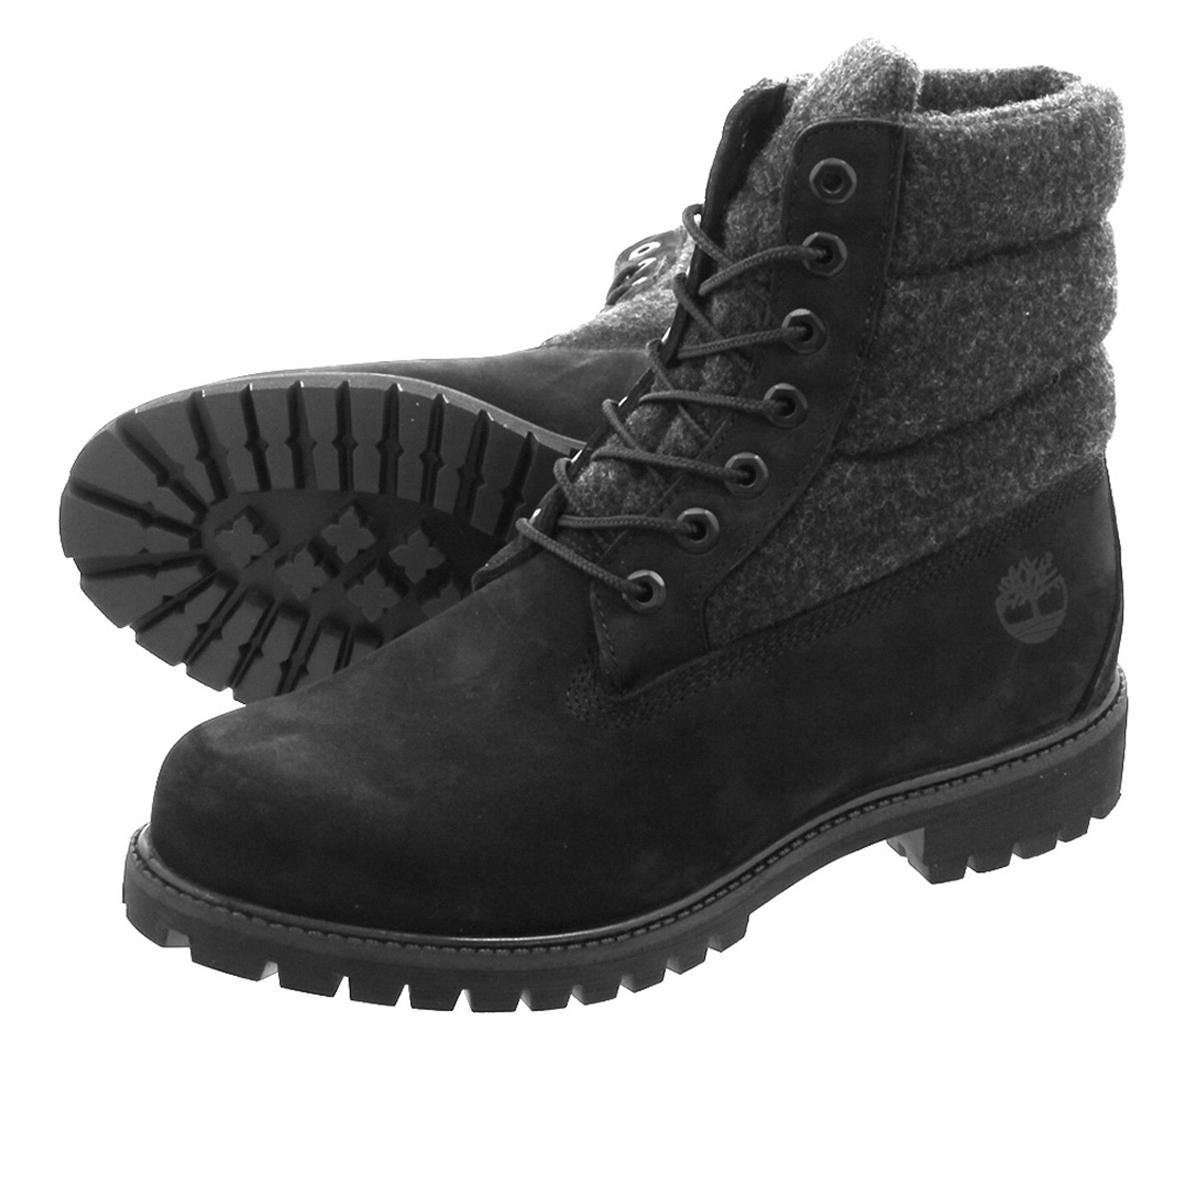 TIMBERLAND 6inch PREMIUM PUFFER BOOTS ティンバーランド 6インチ プレミアム ブーツ BLACK NUBACK a1zr6